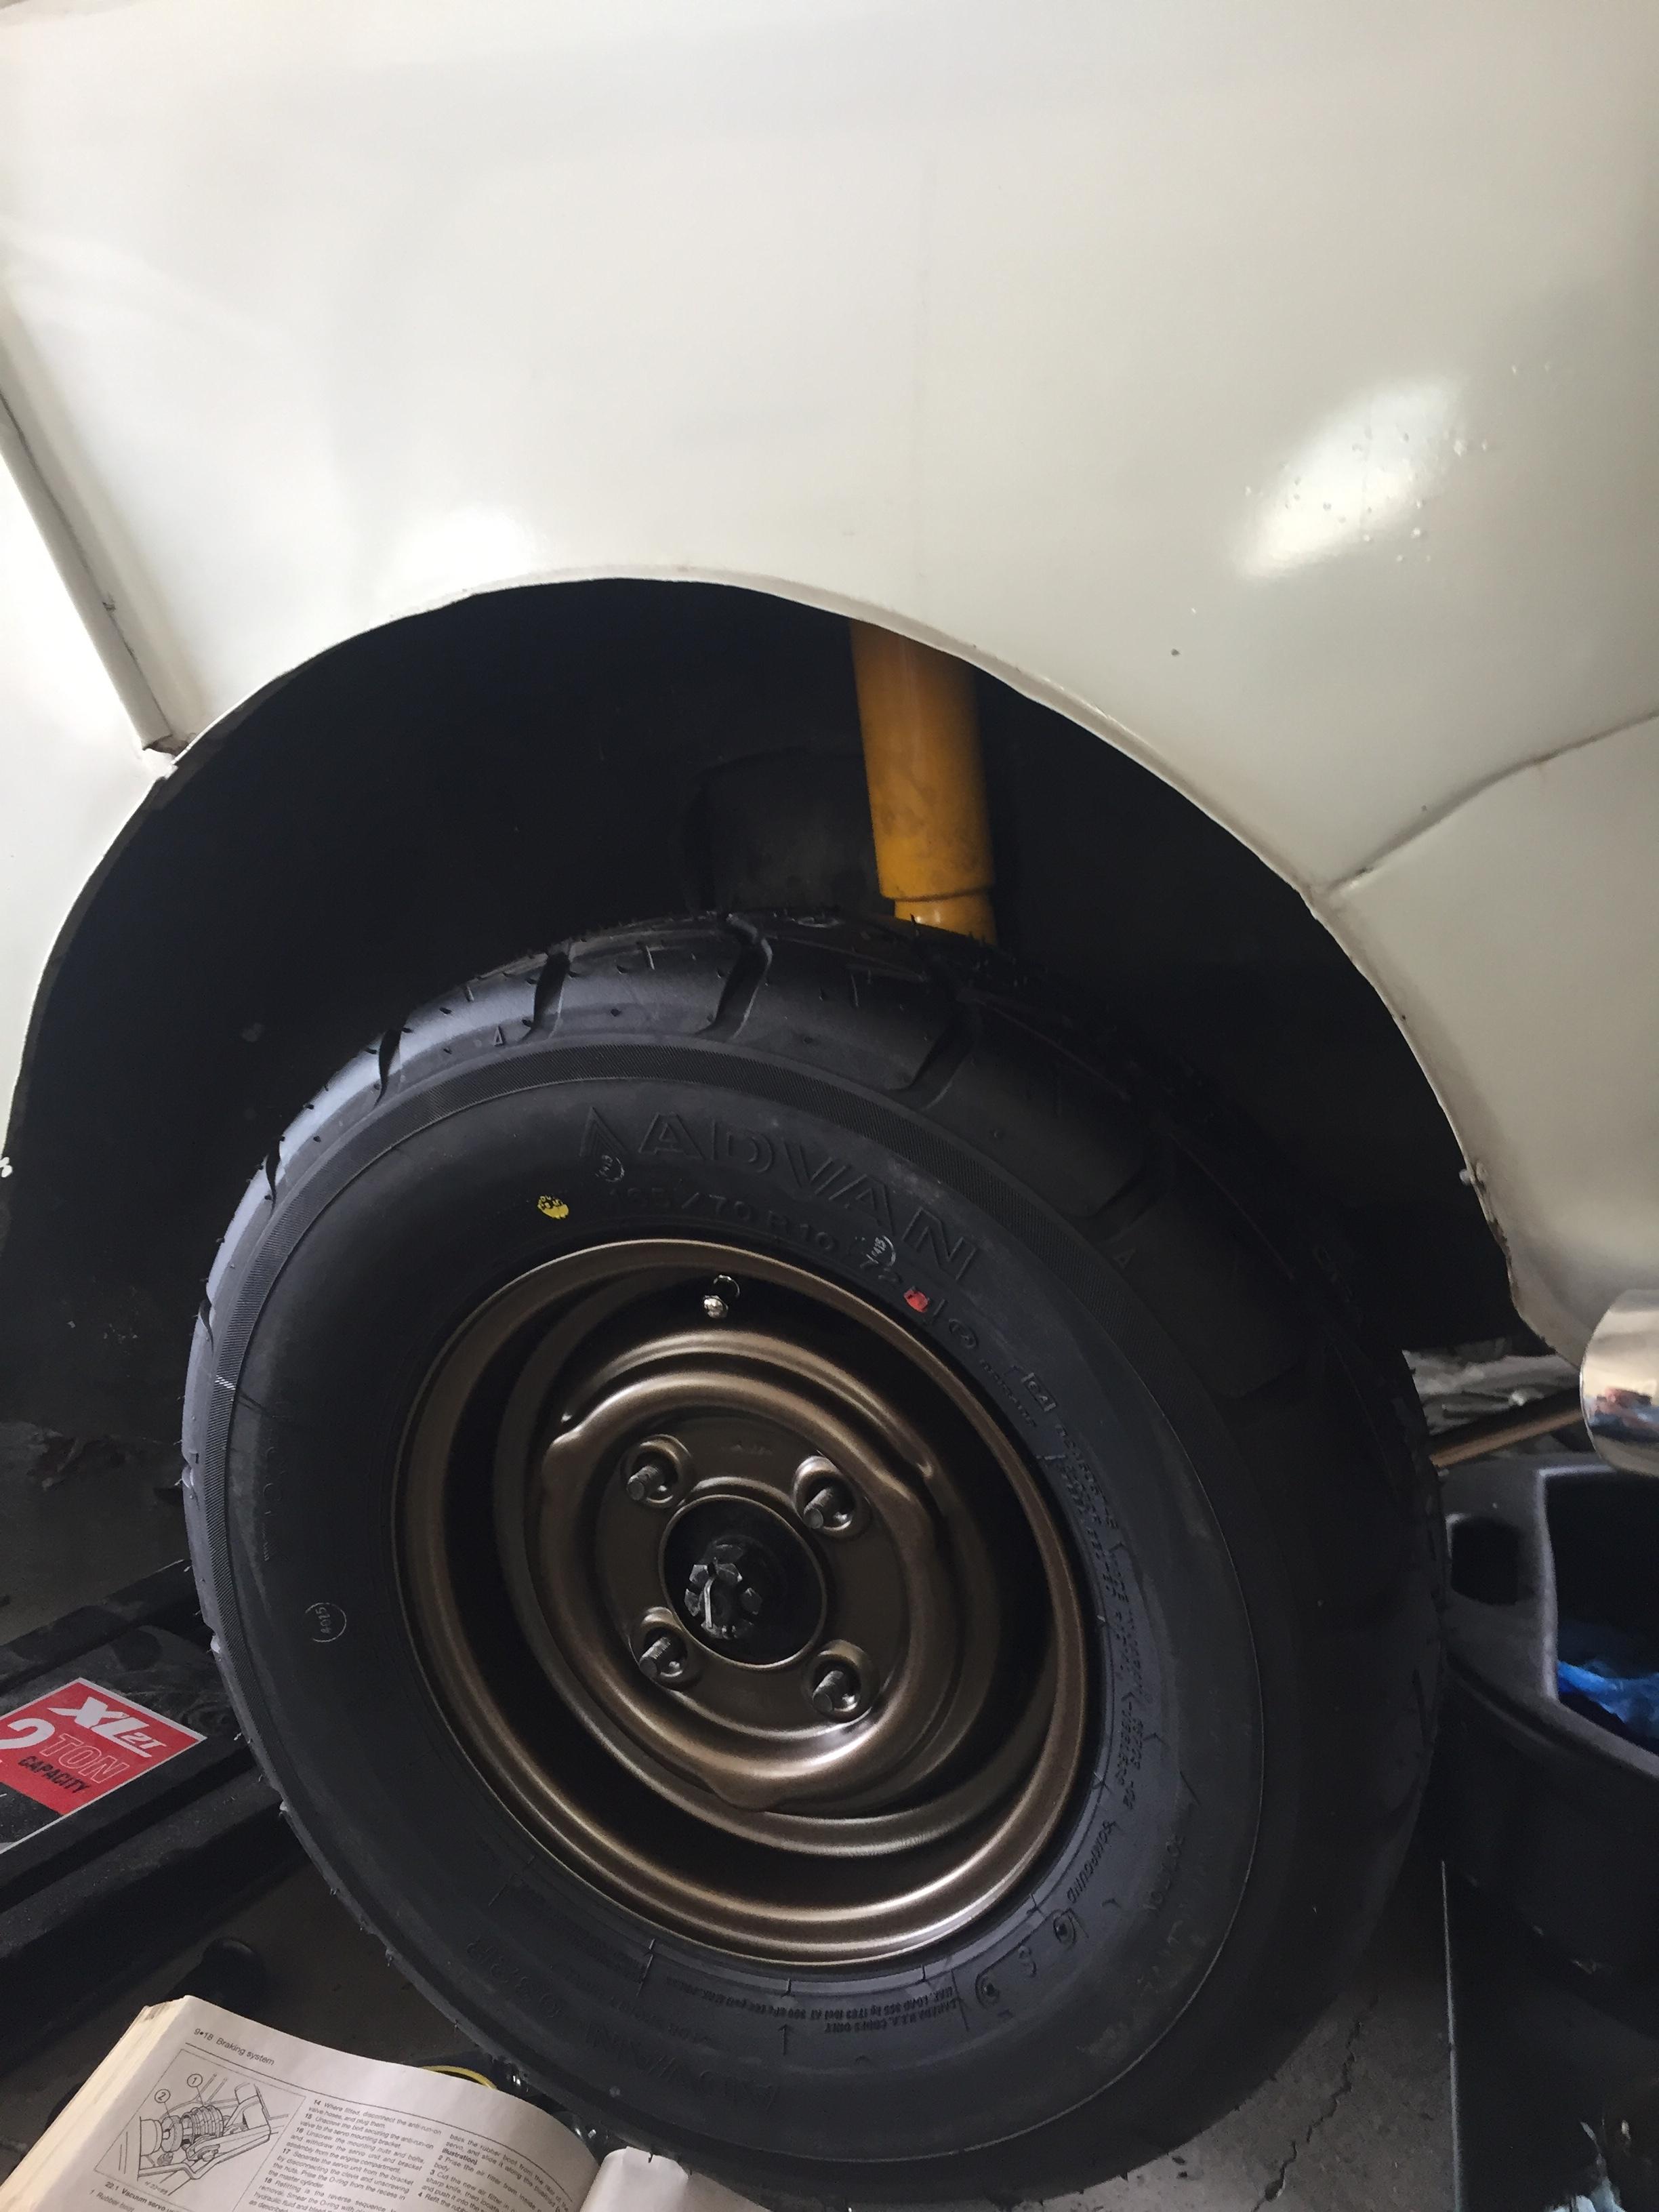 Test Fit Wheel